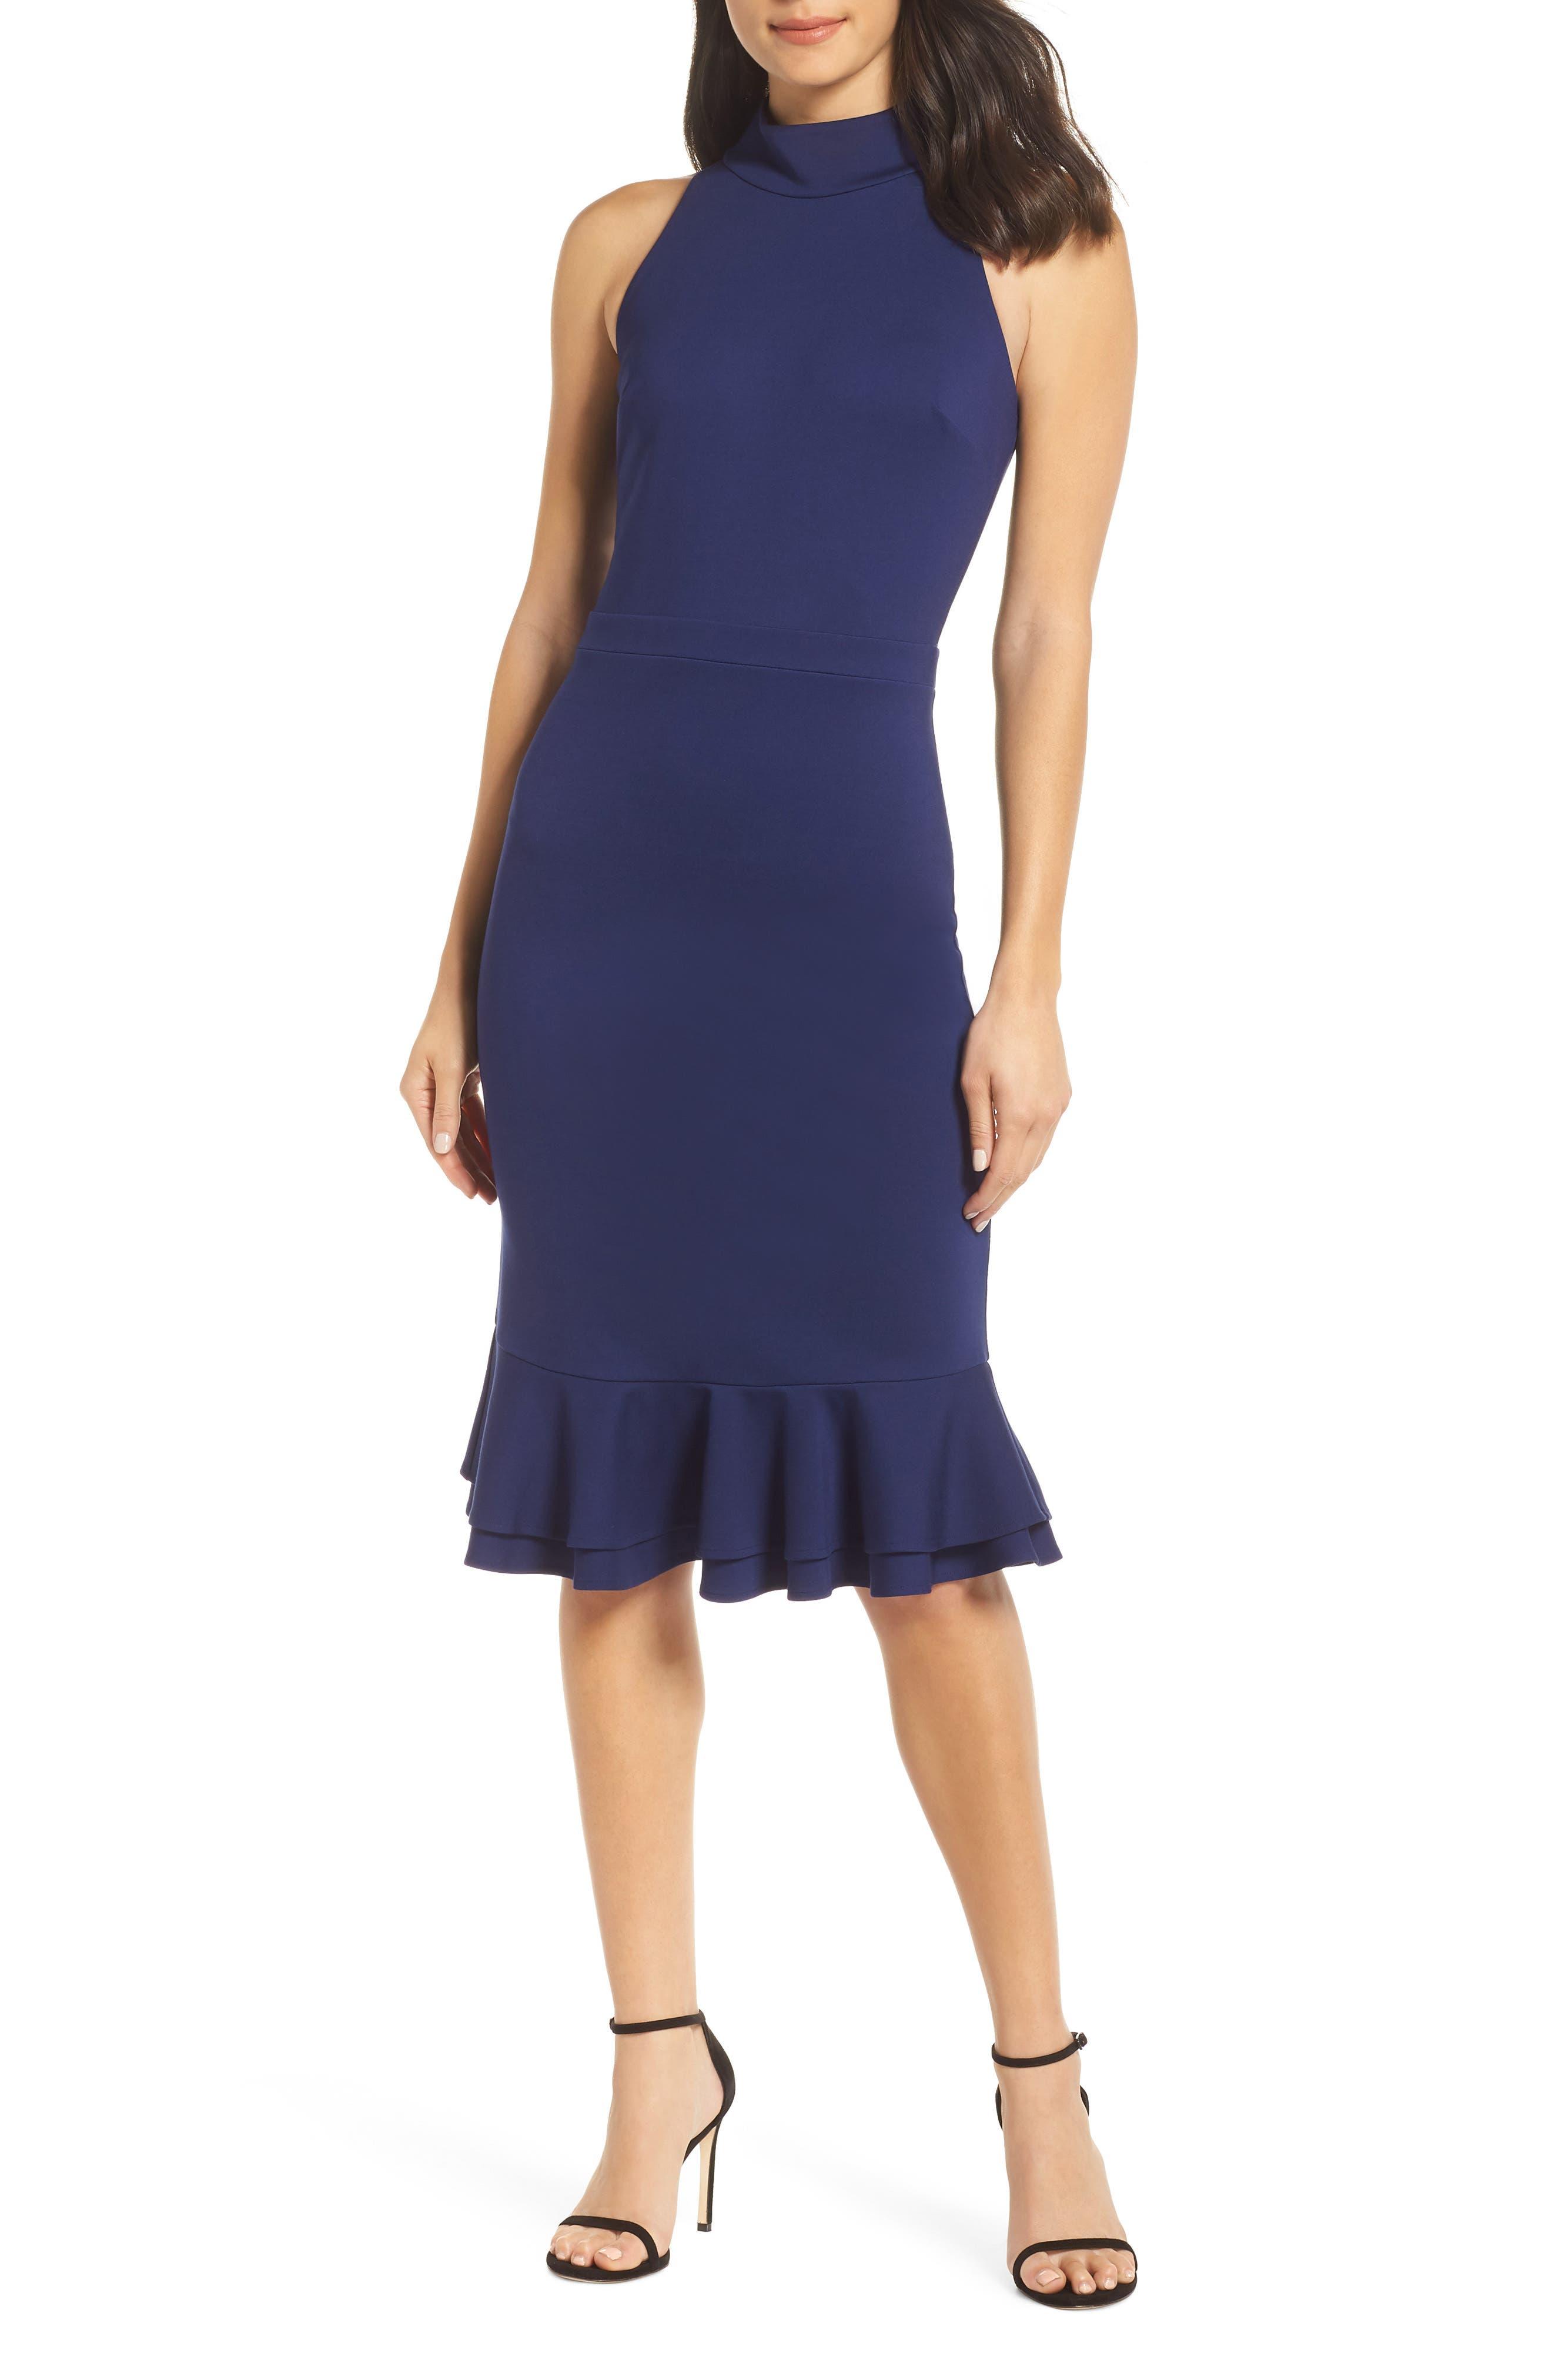 ALI & JAY The Boss Sheath Dress in Blue Violet